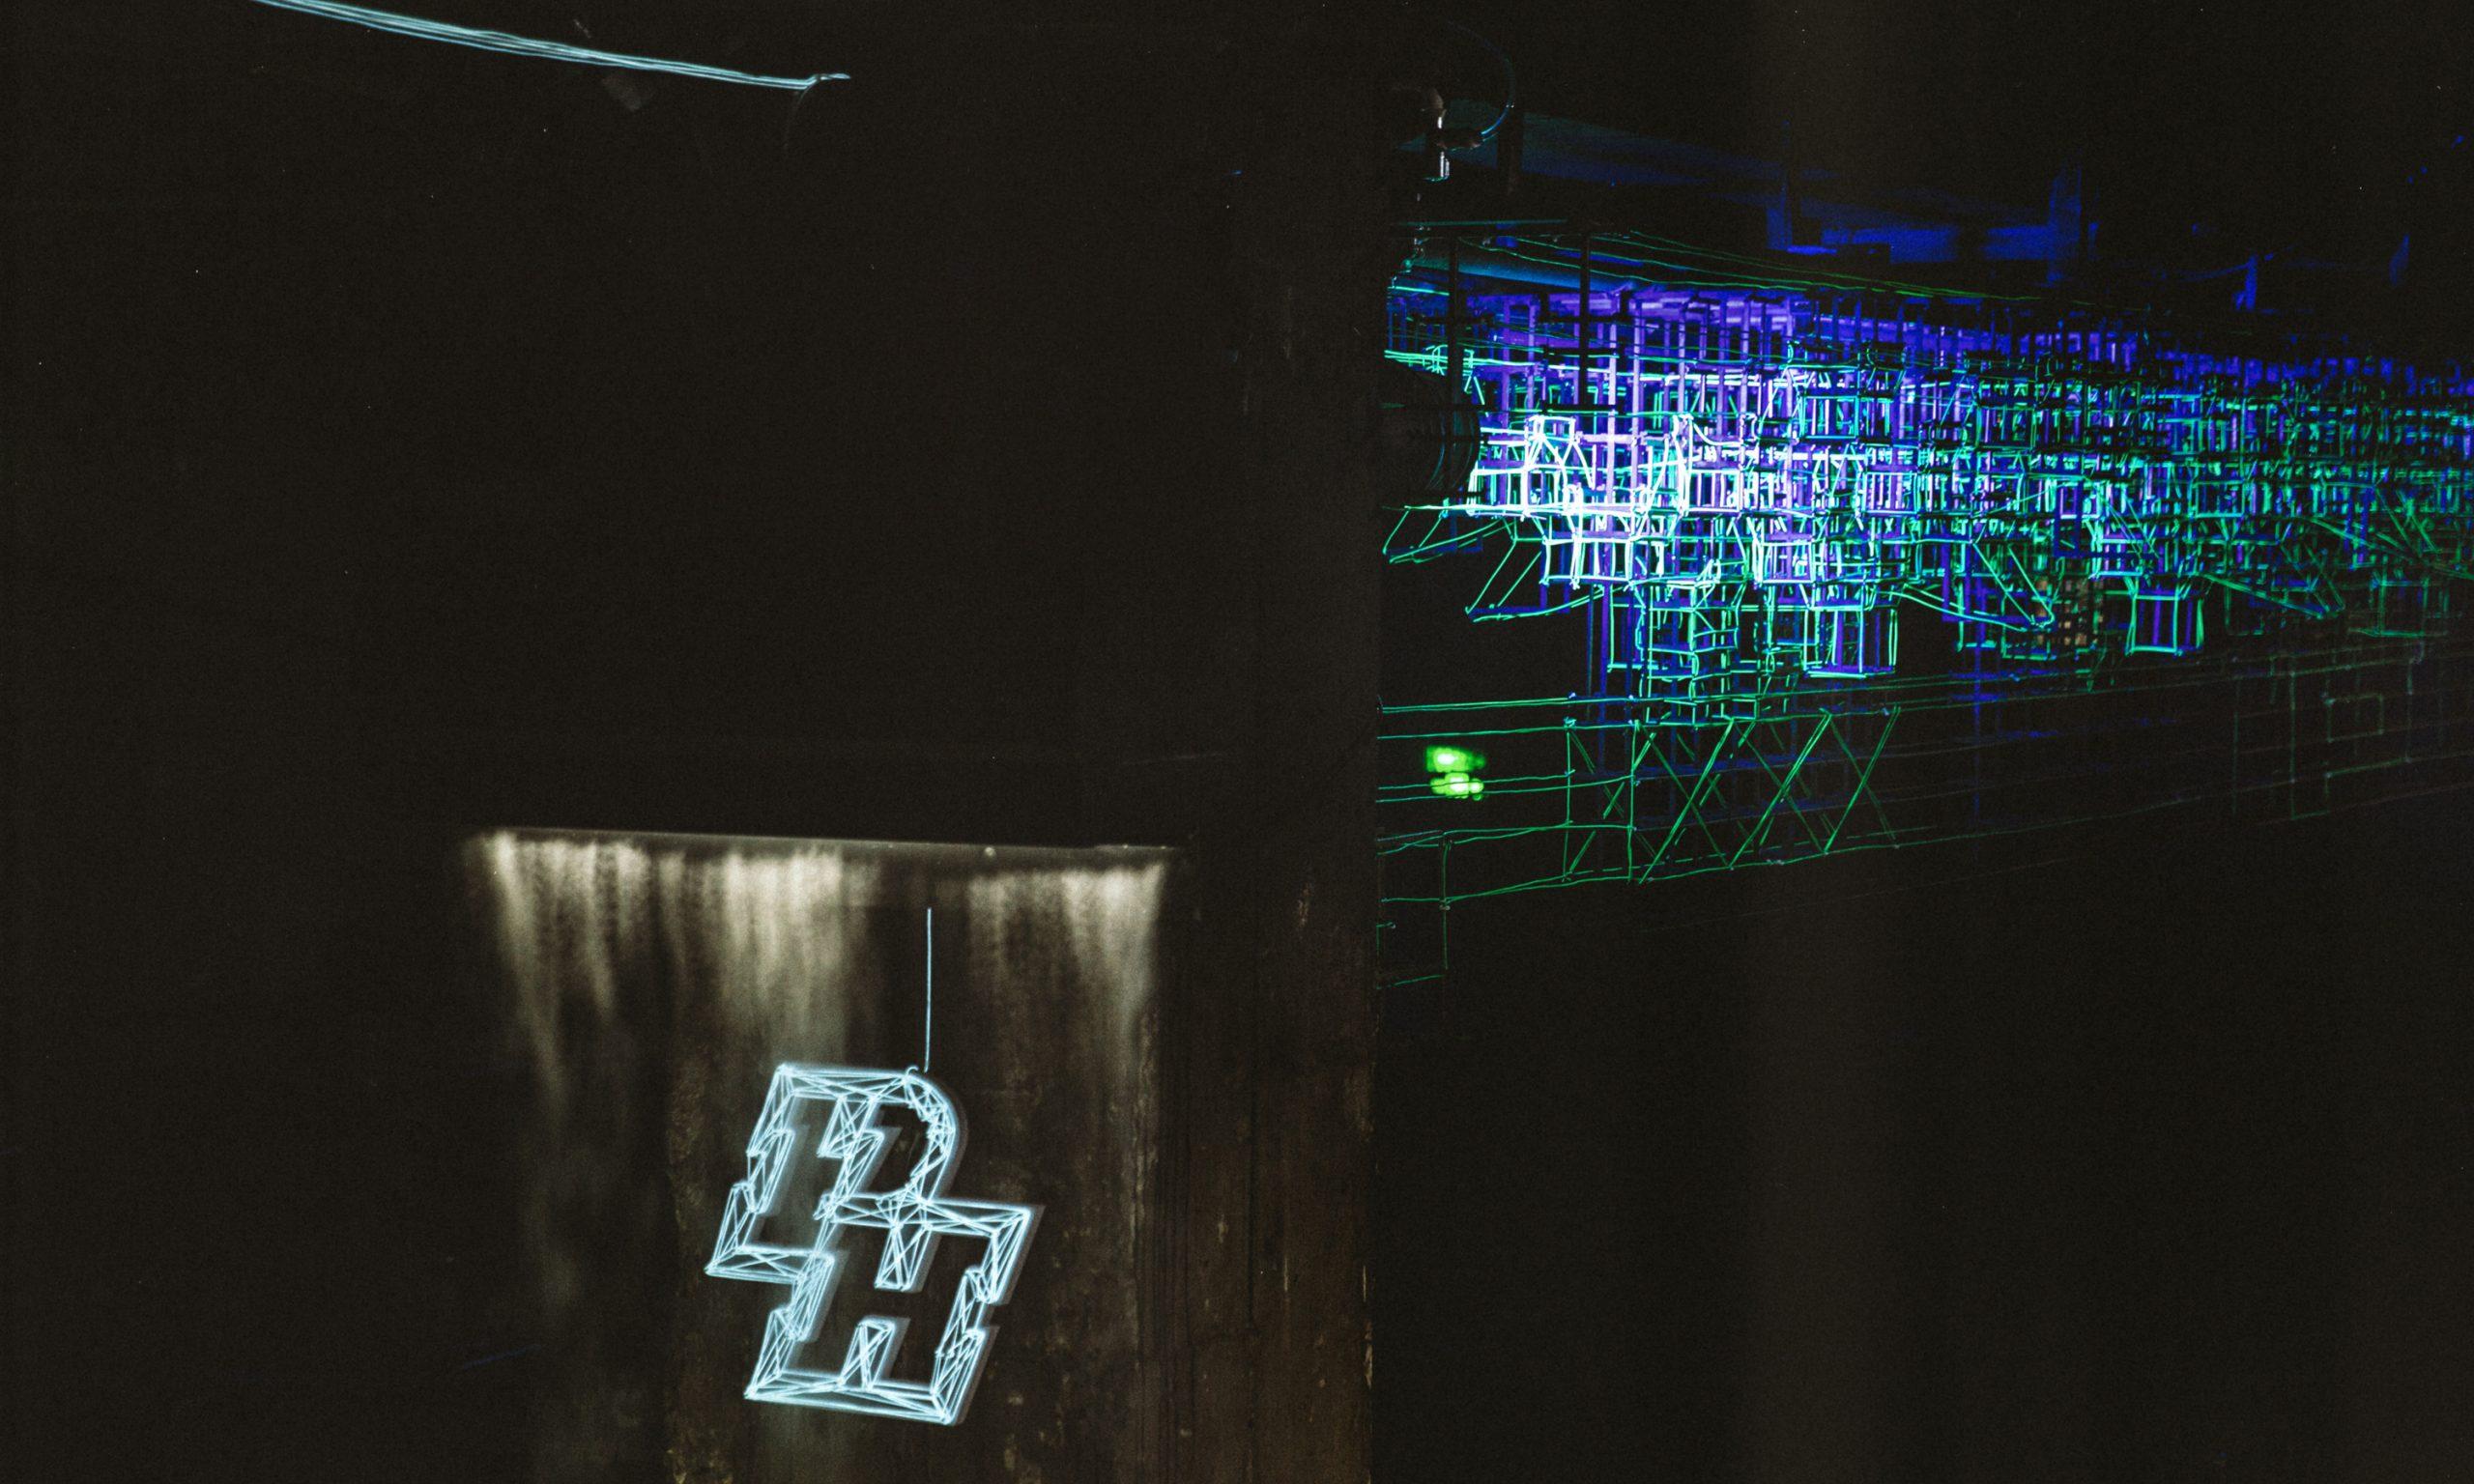 中嘻合璧,PH® 北京打造独具东方符号的派对空间